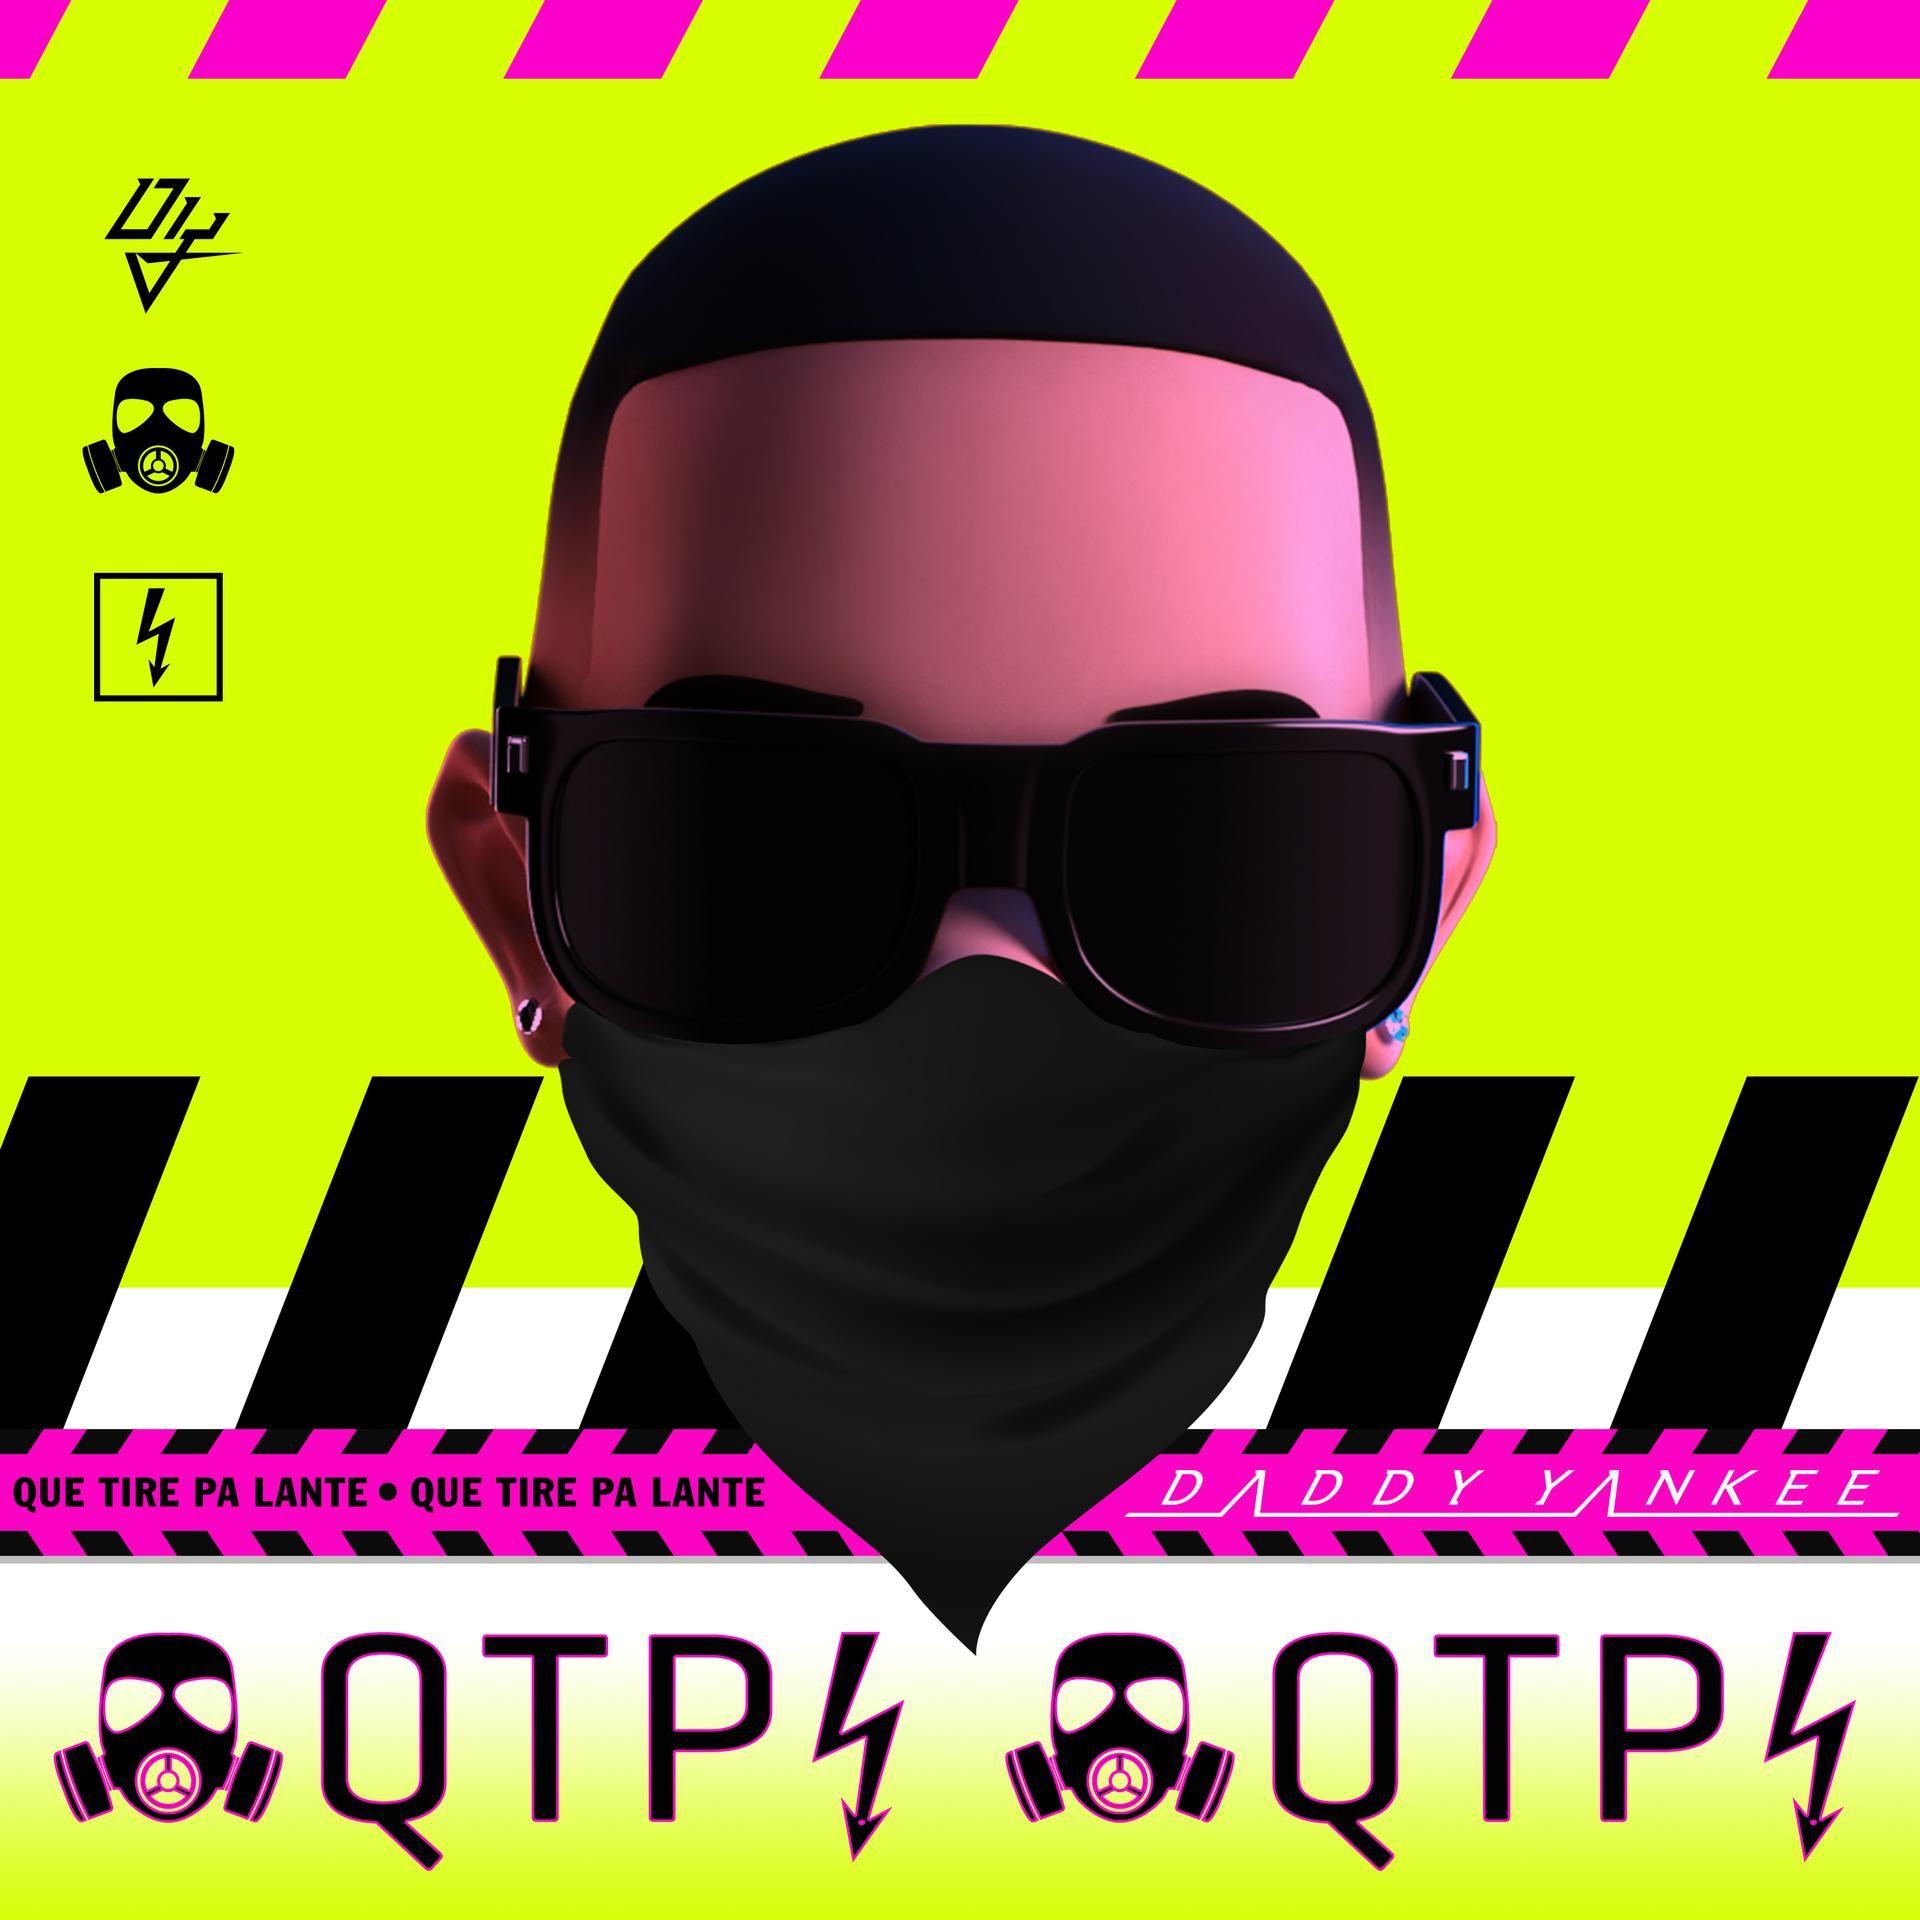 QTP (Que tire pa'lante)